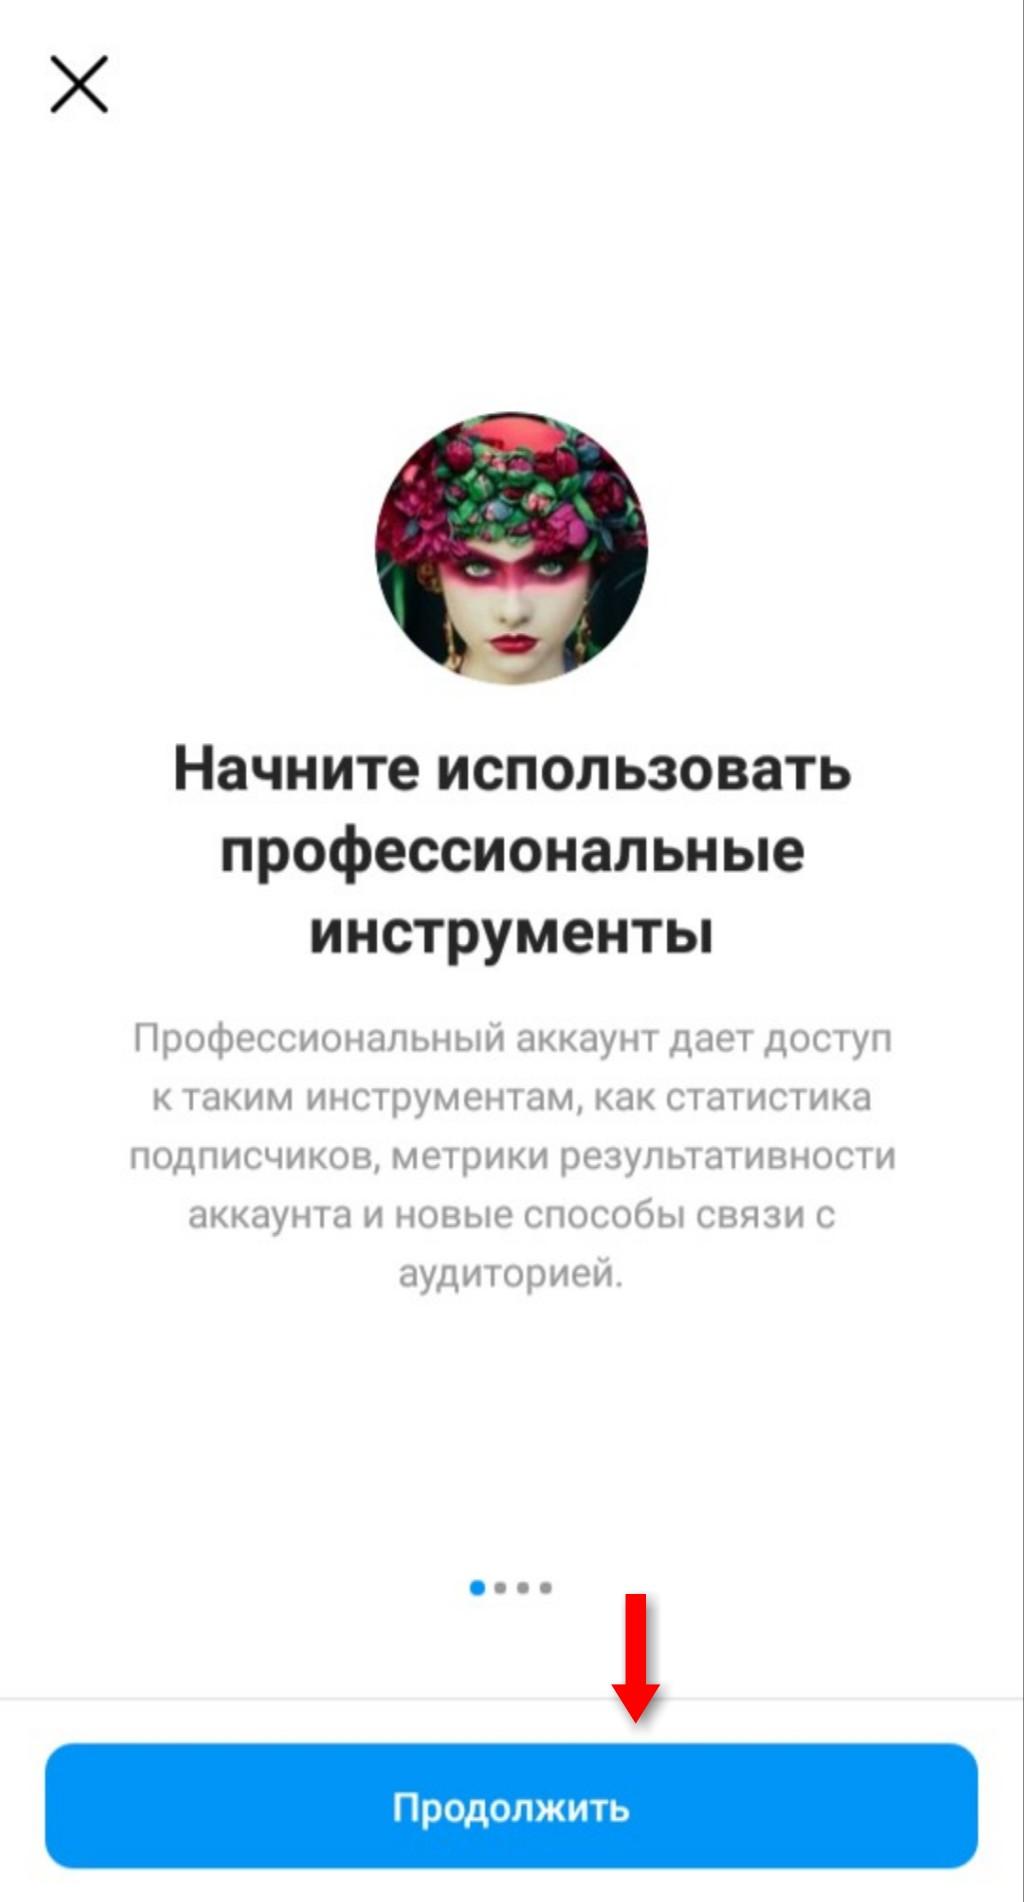 InFrame_1627130834440.jpg